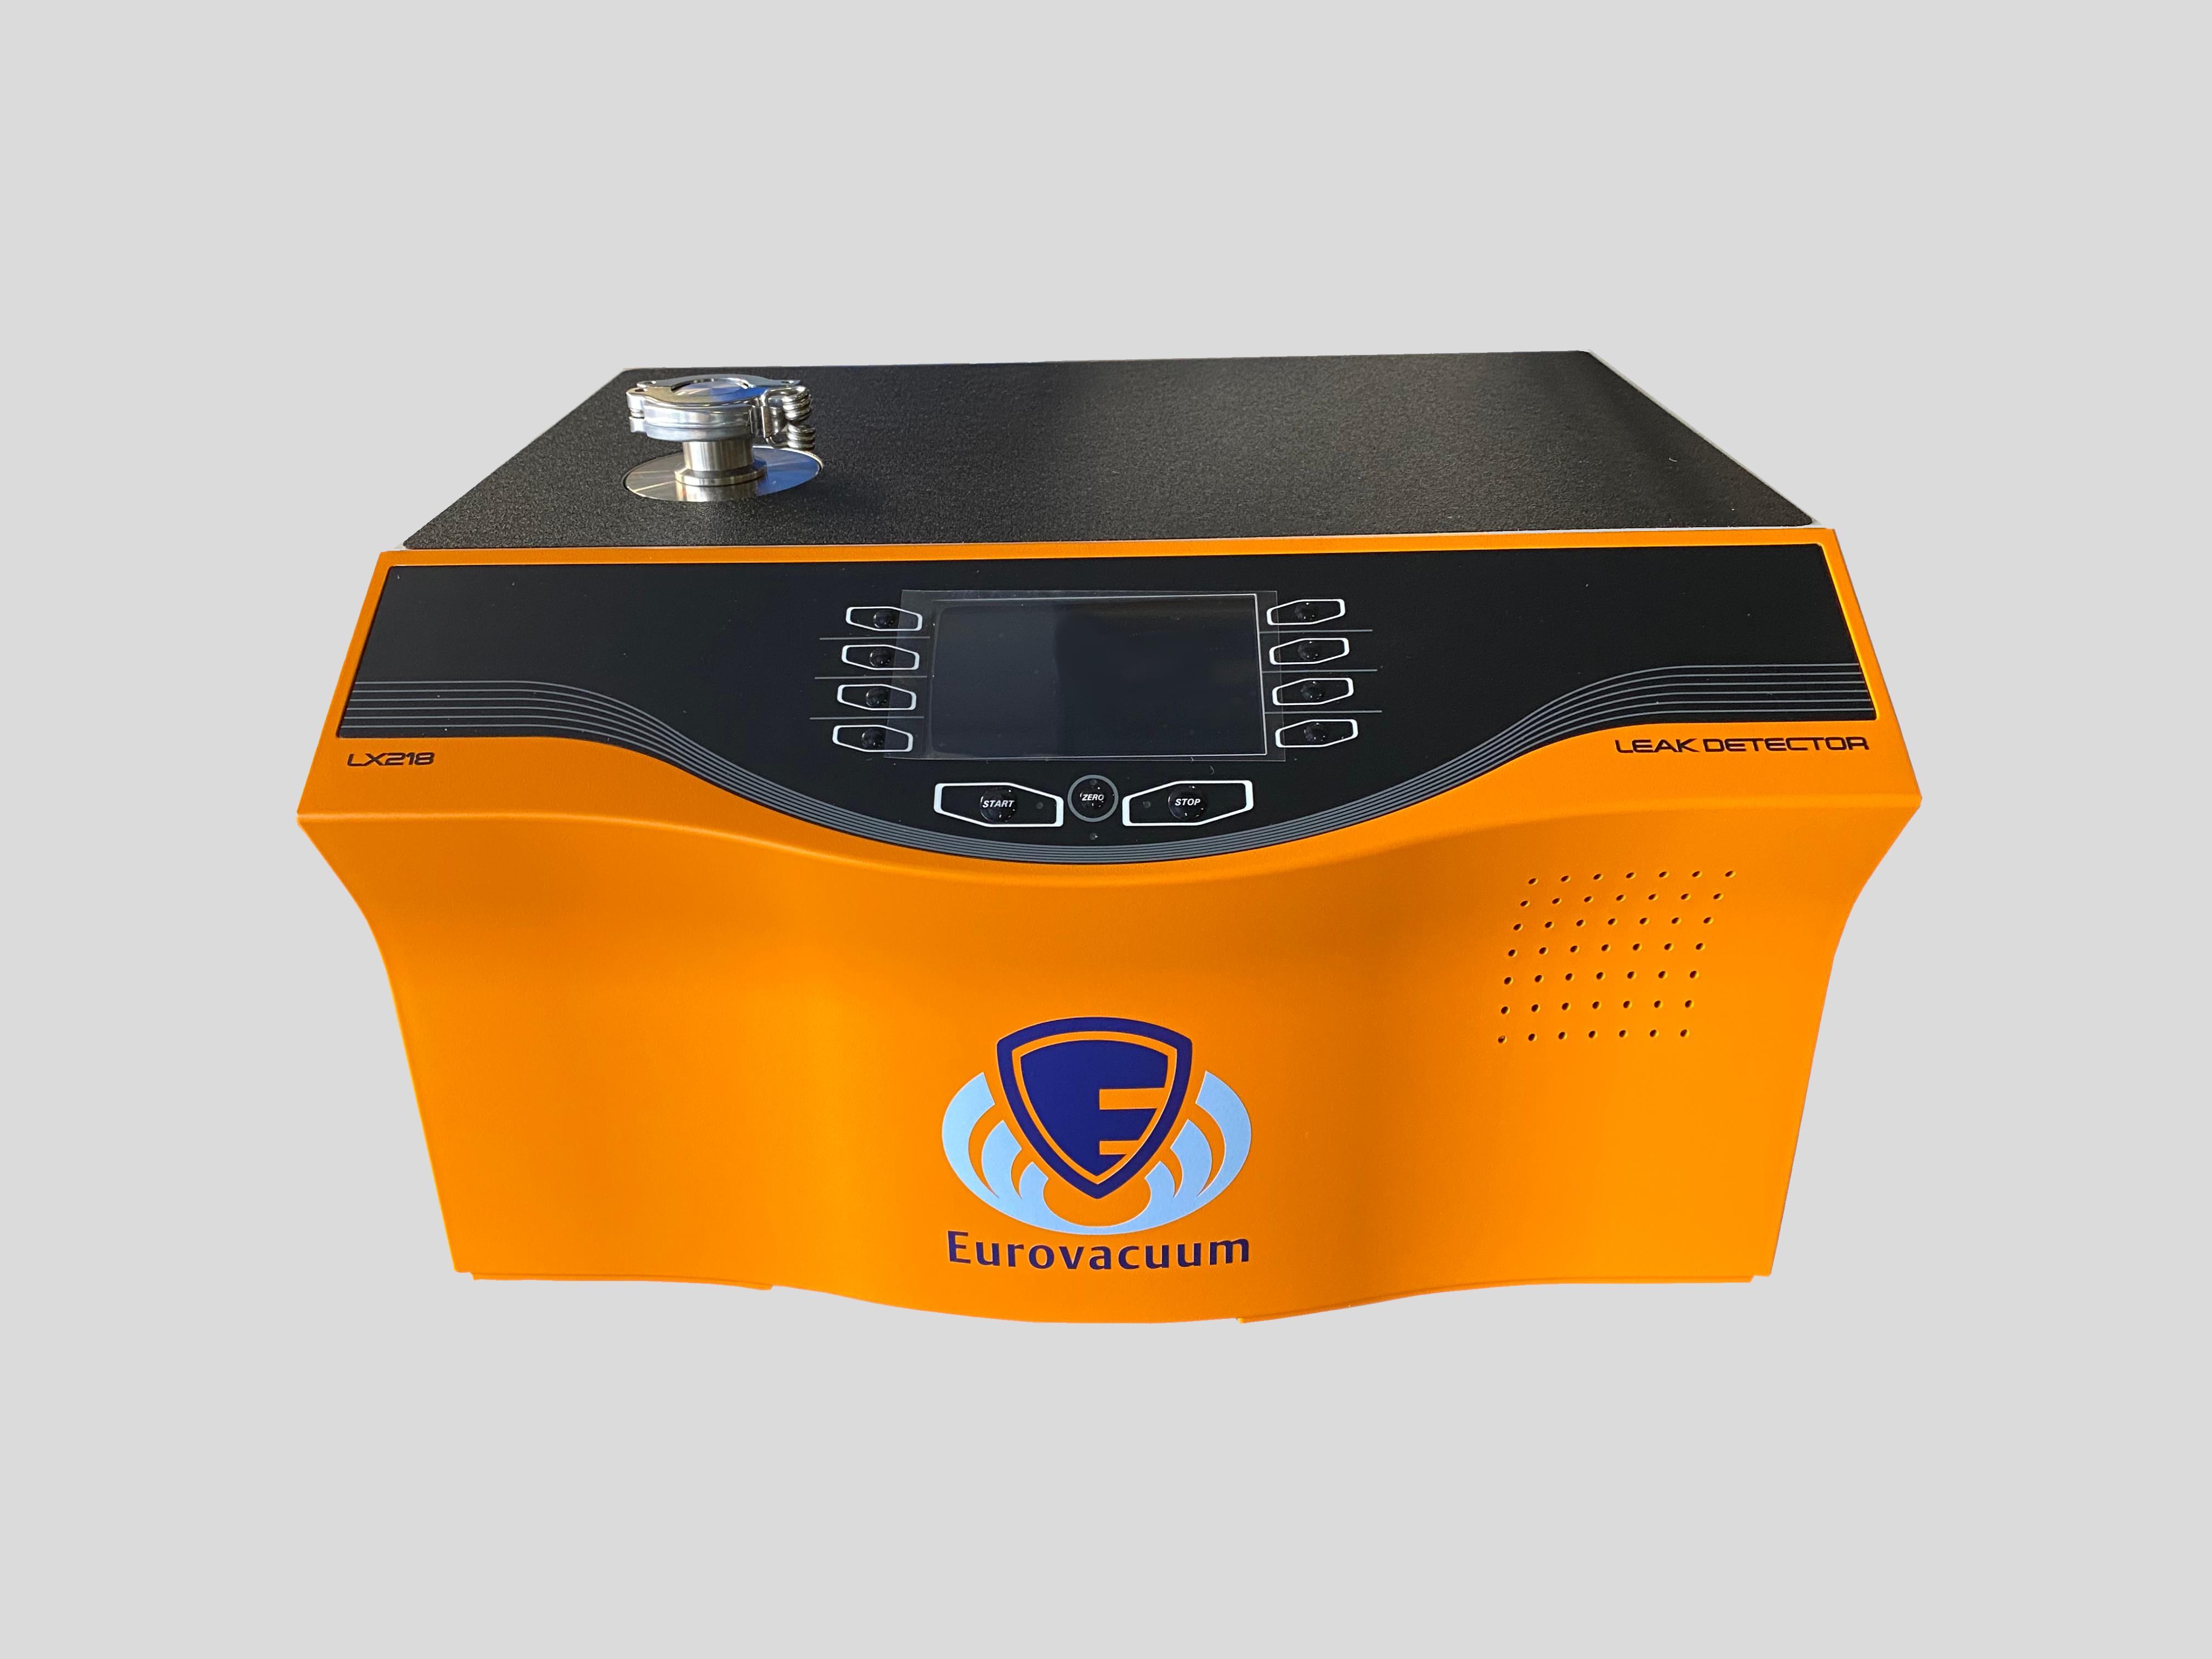 Eurovacuum leak detector